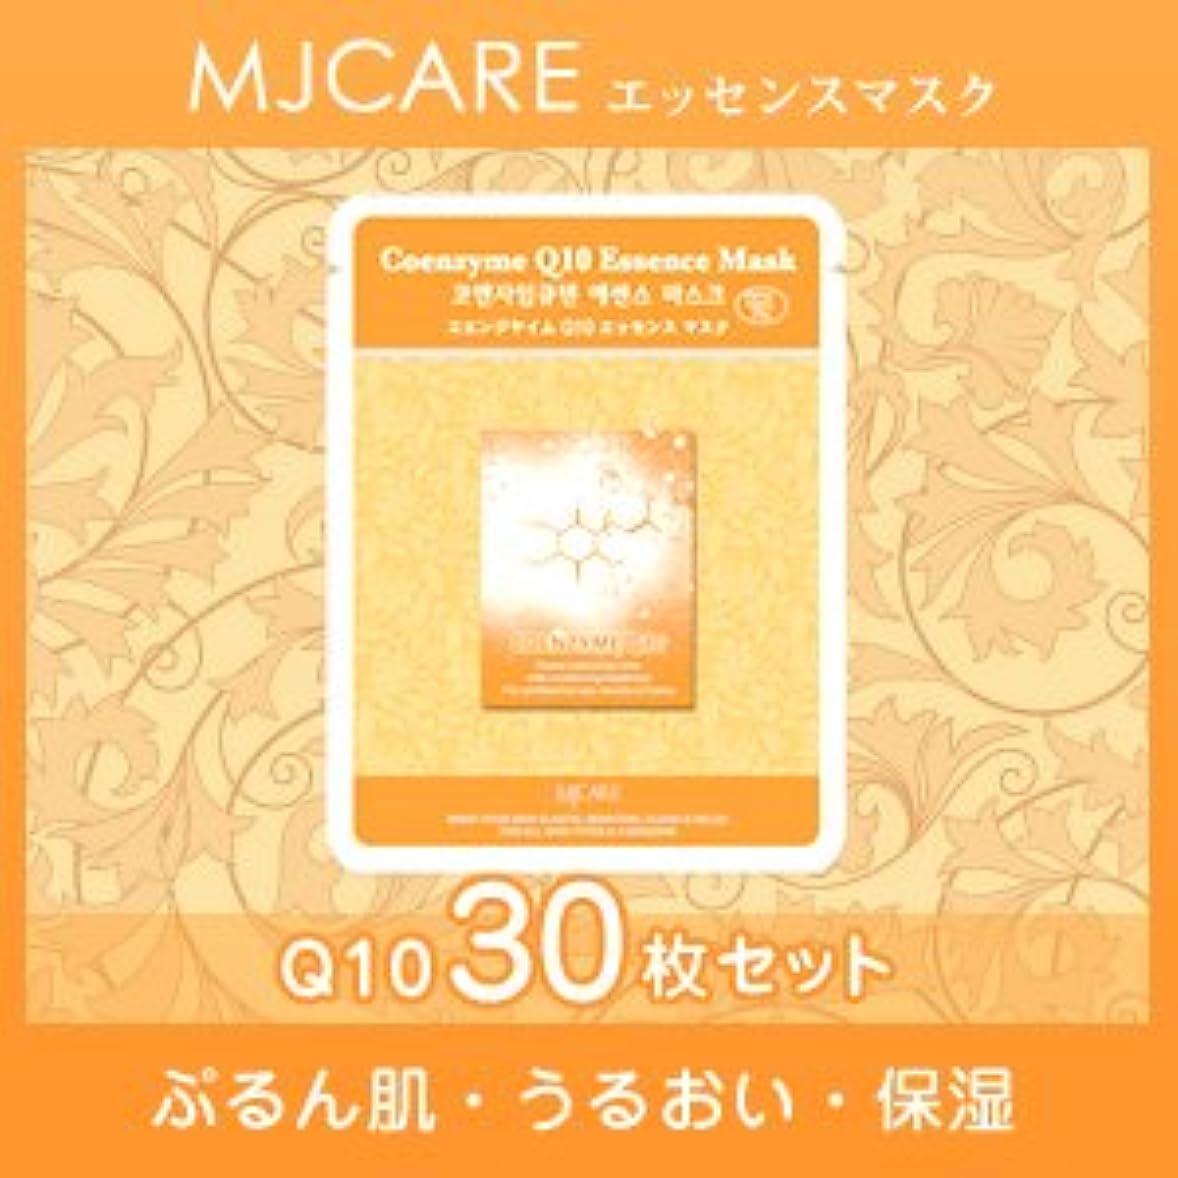 収まるクラフトまとめるMJCARE (エムジェイケア) コエンザイムQ10 エッセンスマスク 30セット